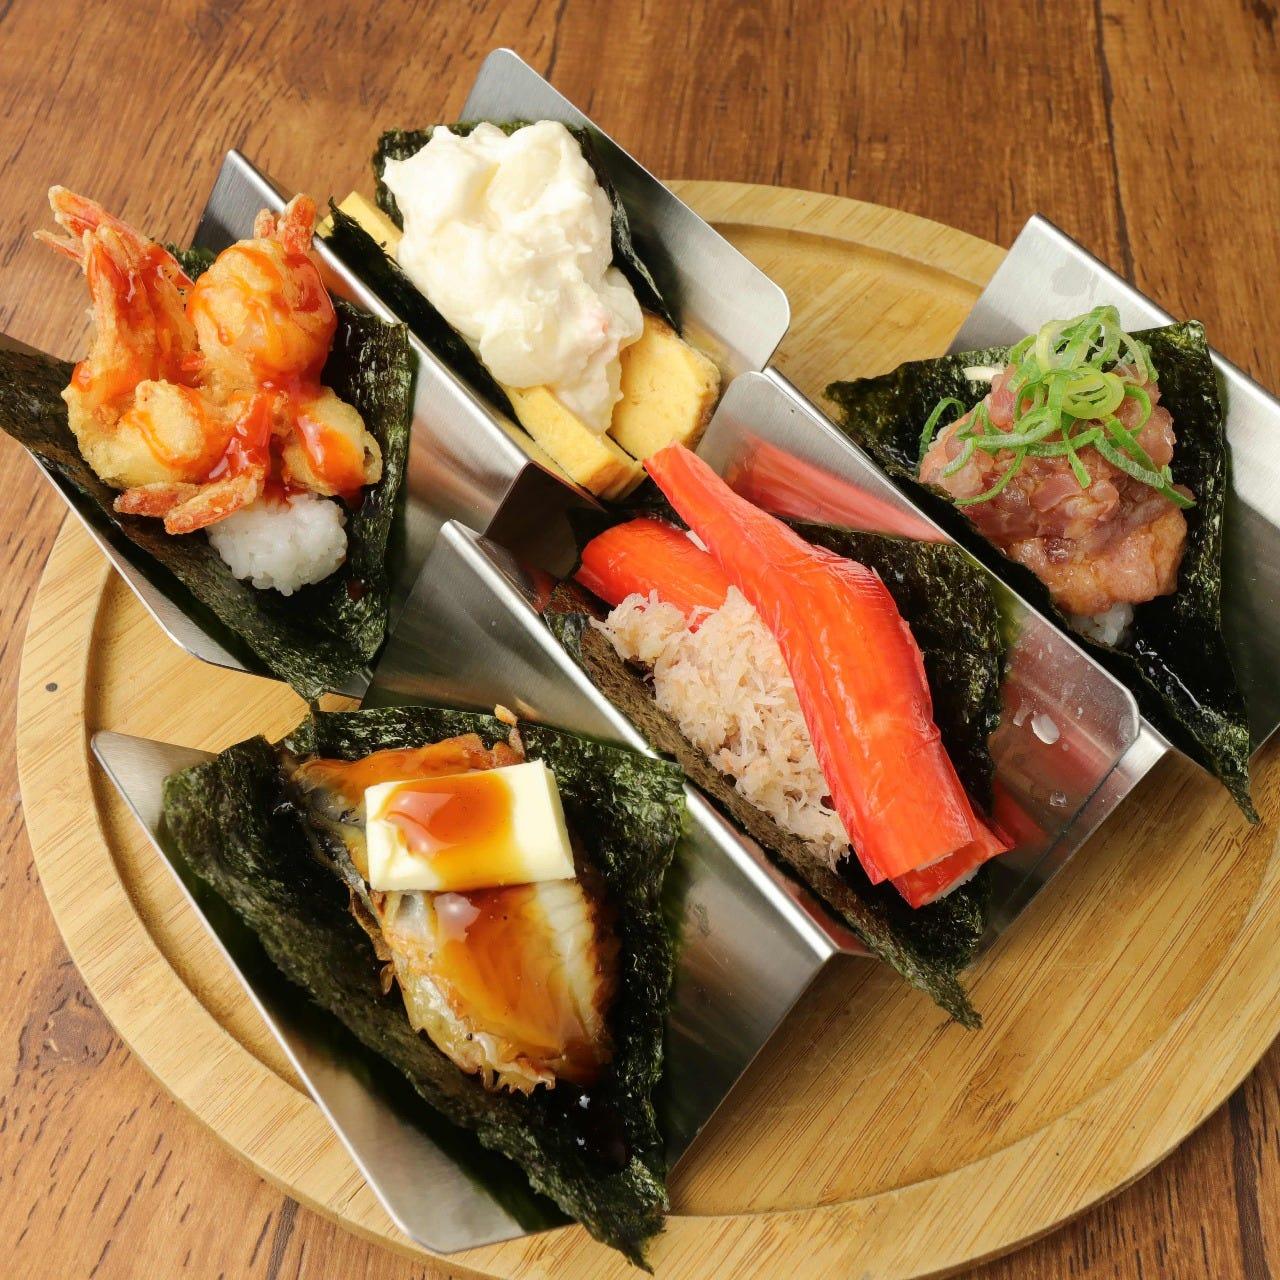 自慢の創作握り寿司を是非ご賞味ください!